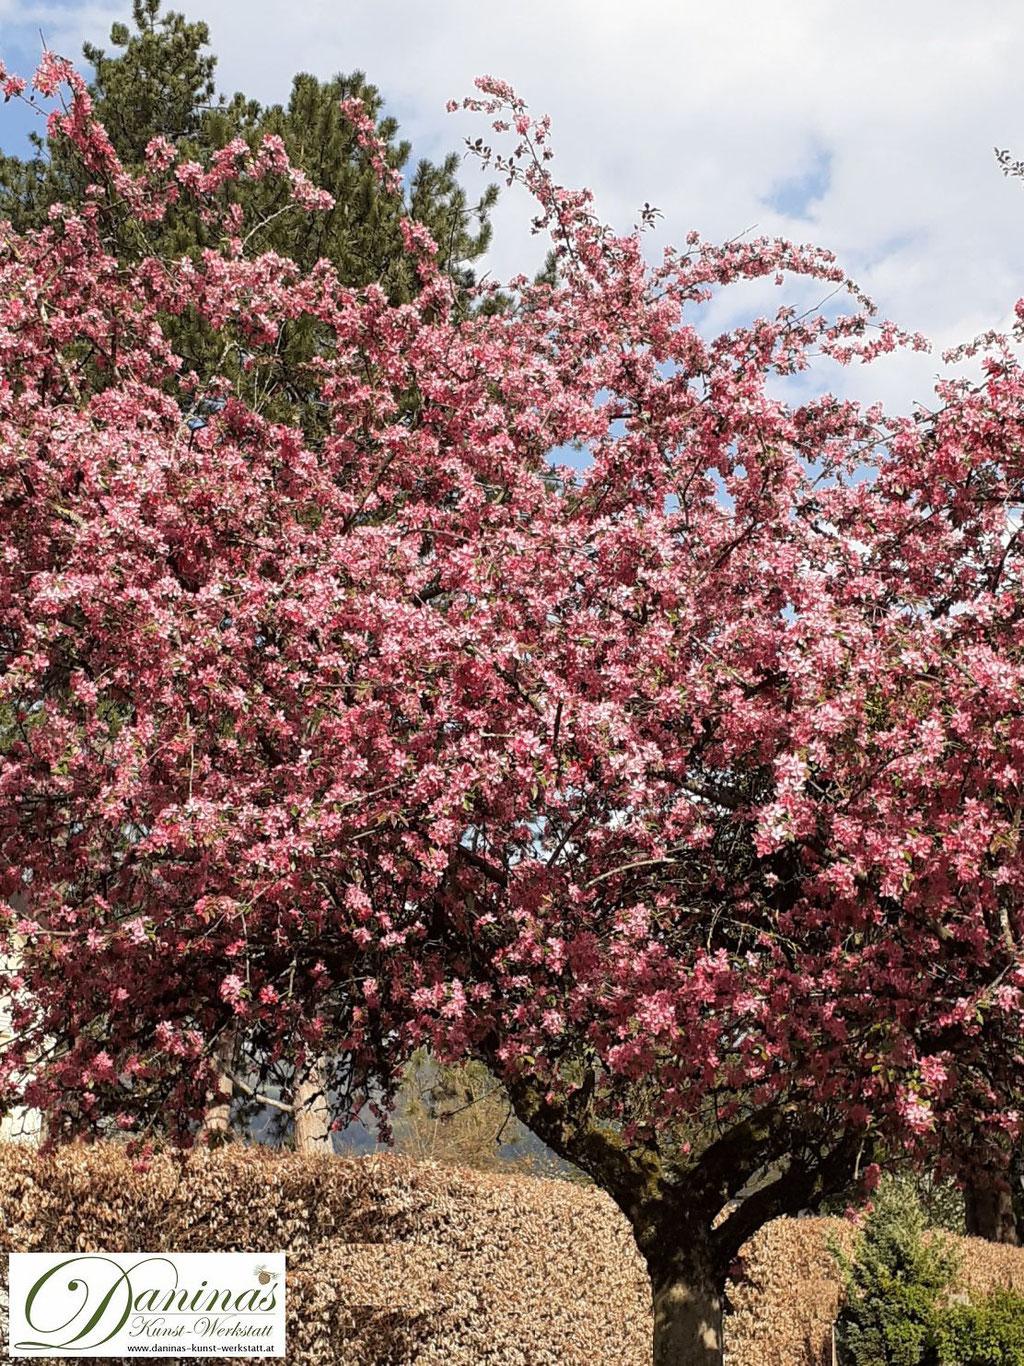 Der Zierapfel 'Rudolph' bezaubert im Frühling mit rosafarbene Blüten und rotem Laub, das im Sommer grün wird.